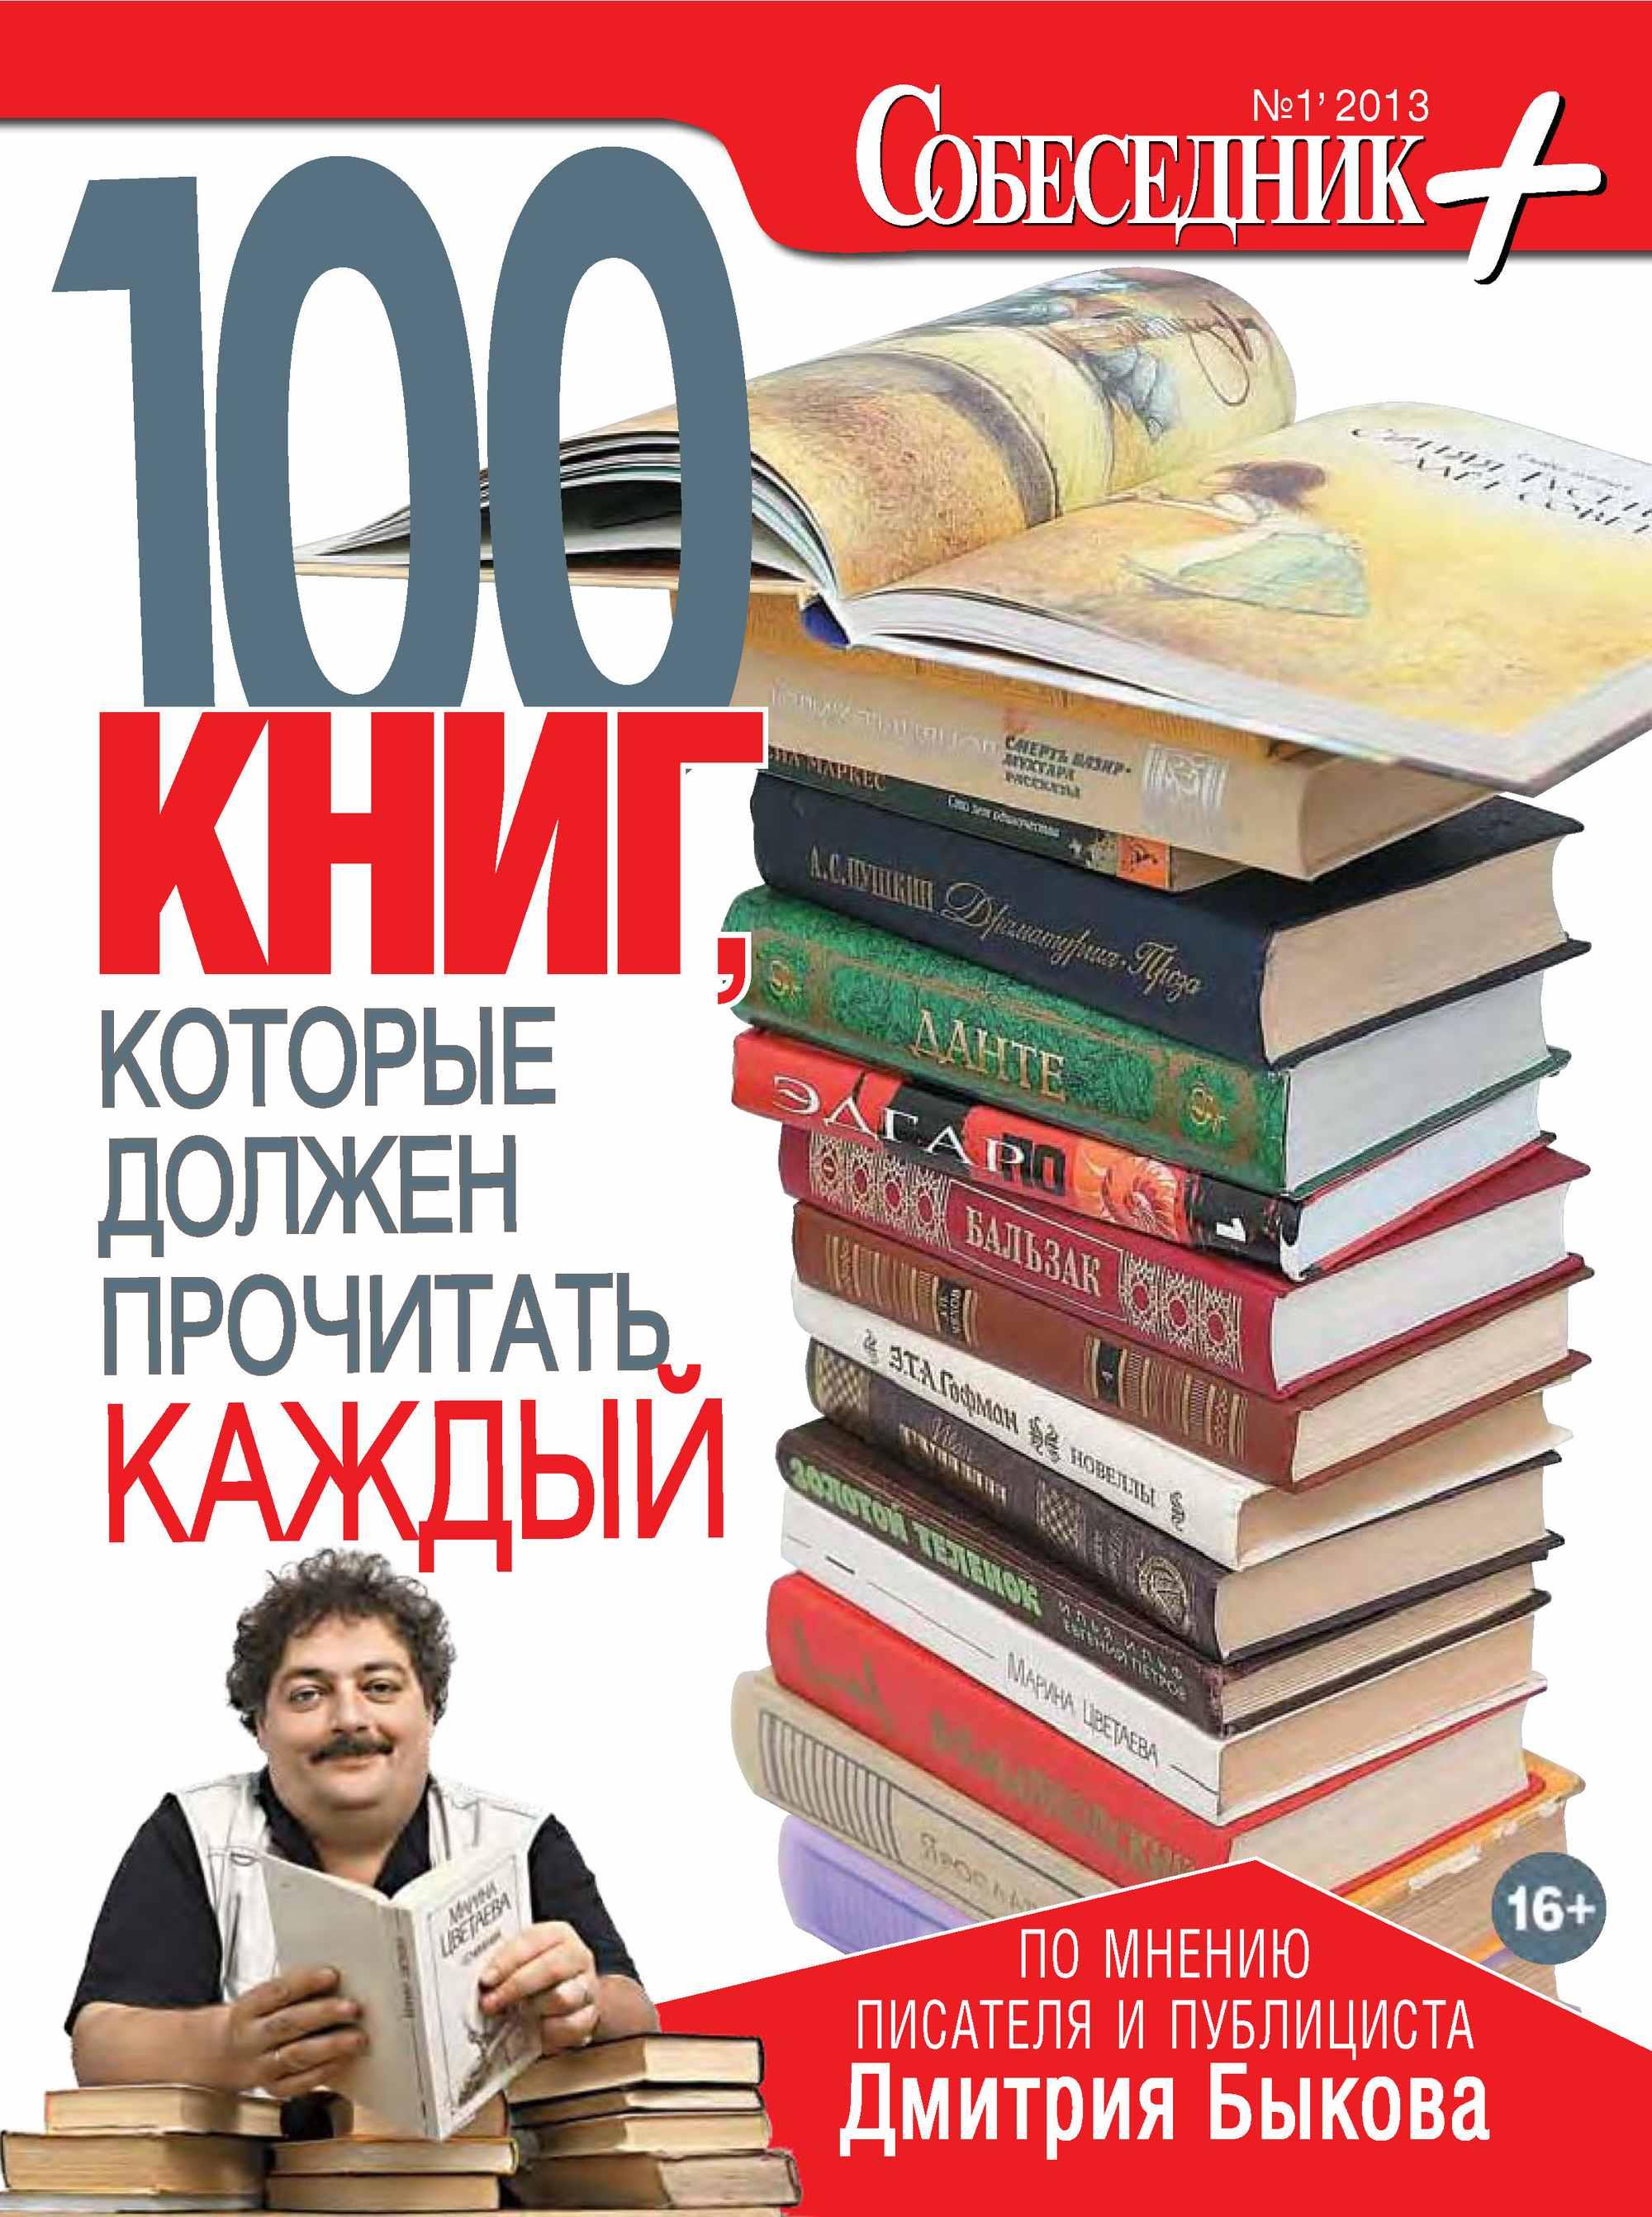 Отсутствует Собеседник плюс №01/2013. 100 книг, которые должен прочитать каждый отсутствует собеседник плюс 05 2013 100 изобретений которые повлияли на жизнь каждого из нас